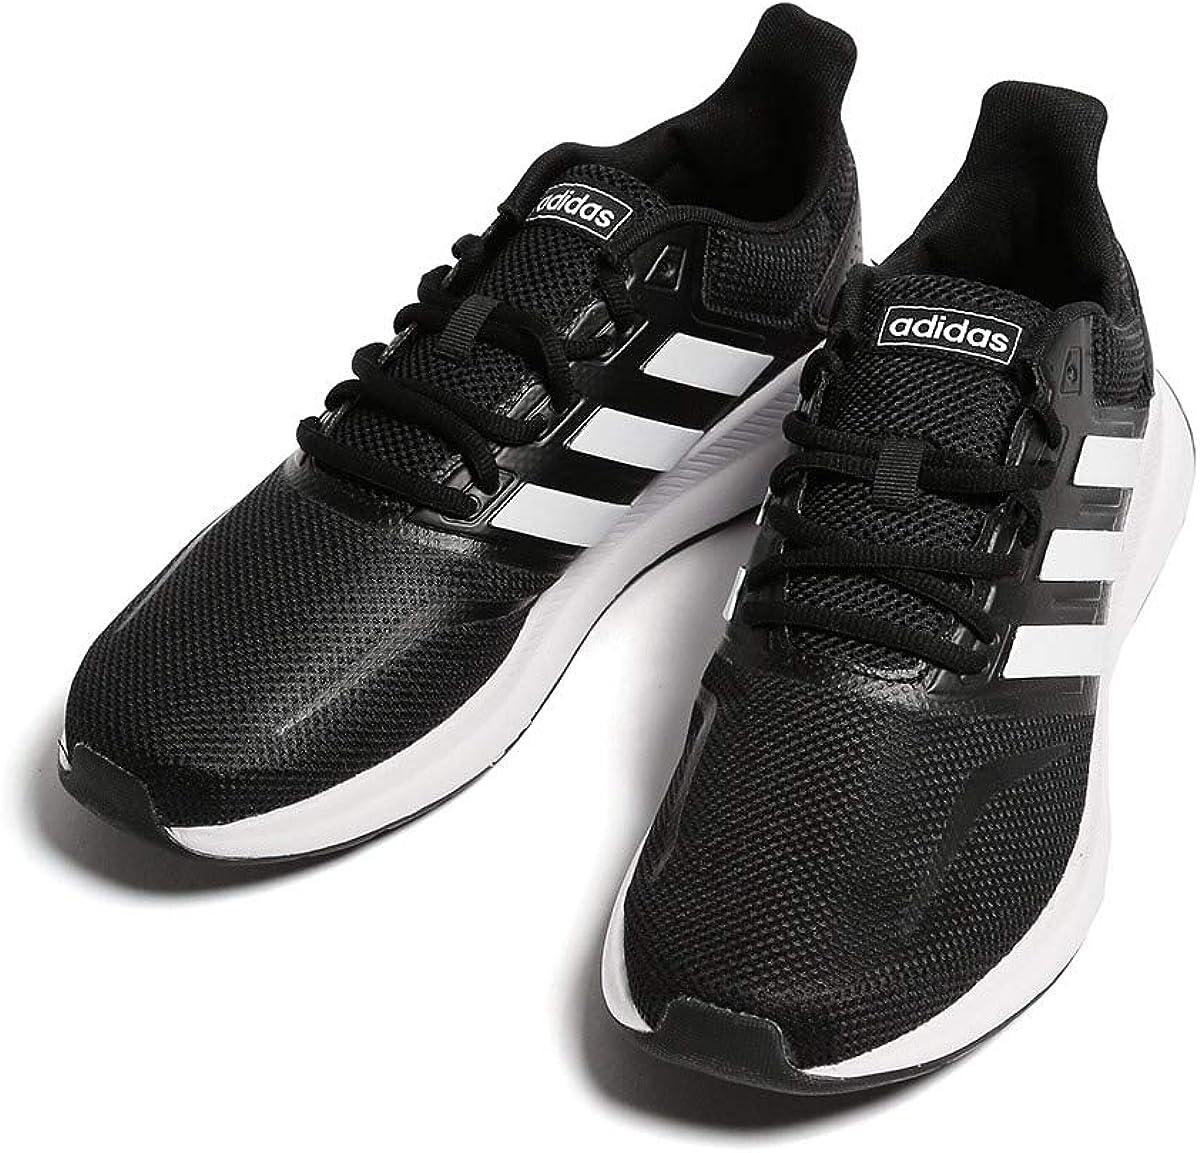 Casa de la carretera Todos darse cuenta  Amazon.co.jp: Adidas FALCONRUN M BLACK [F36199] - black -: Shoes & Bags